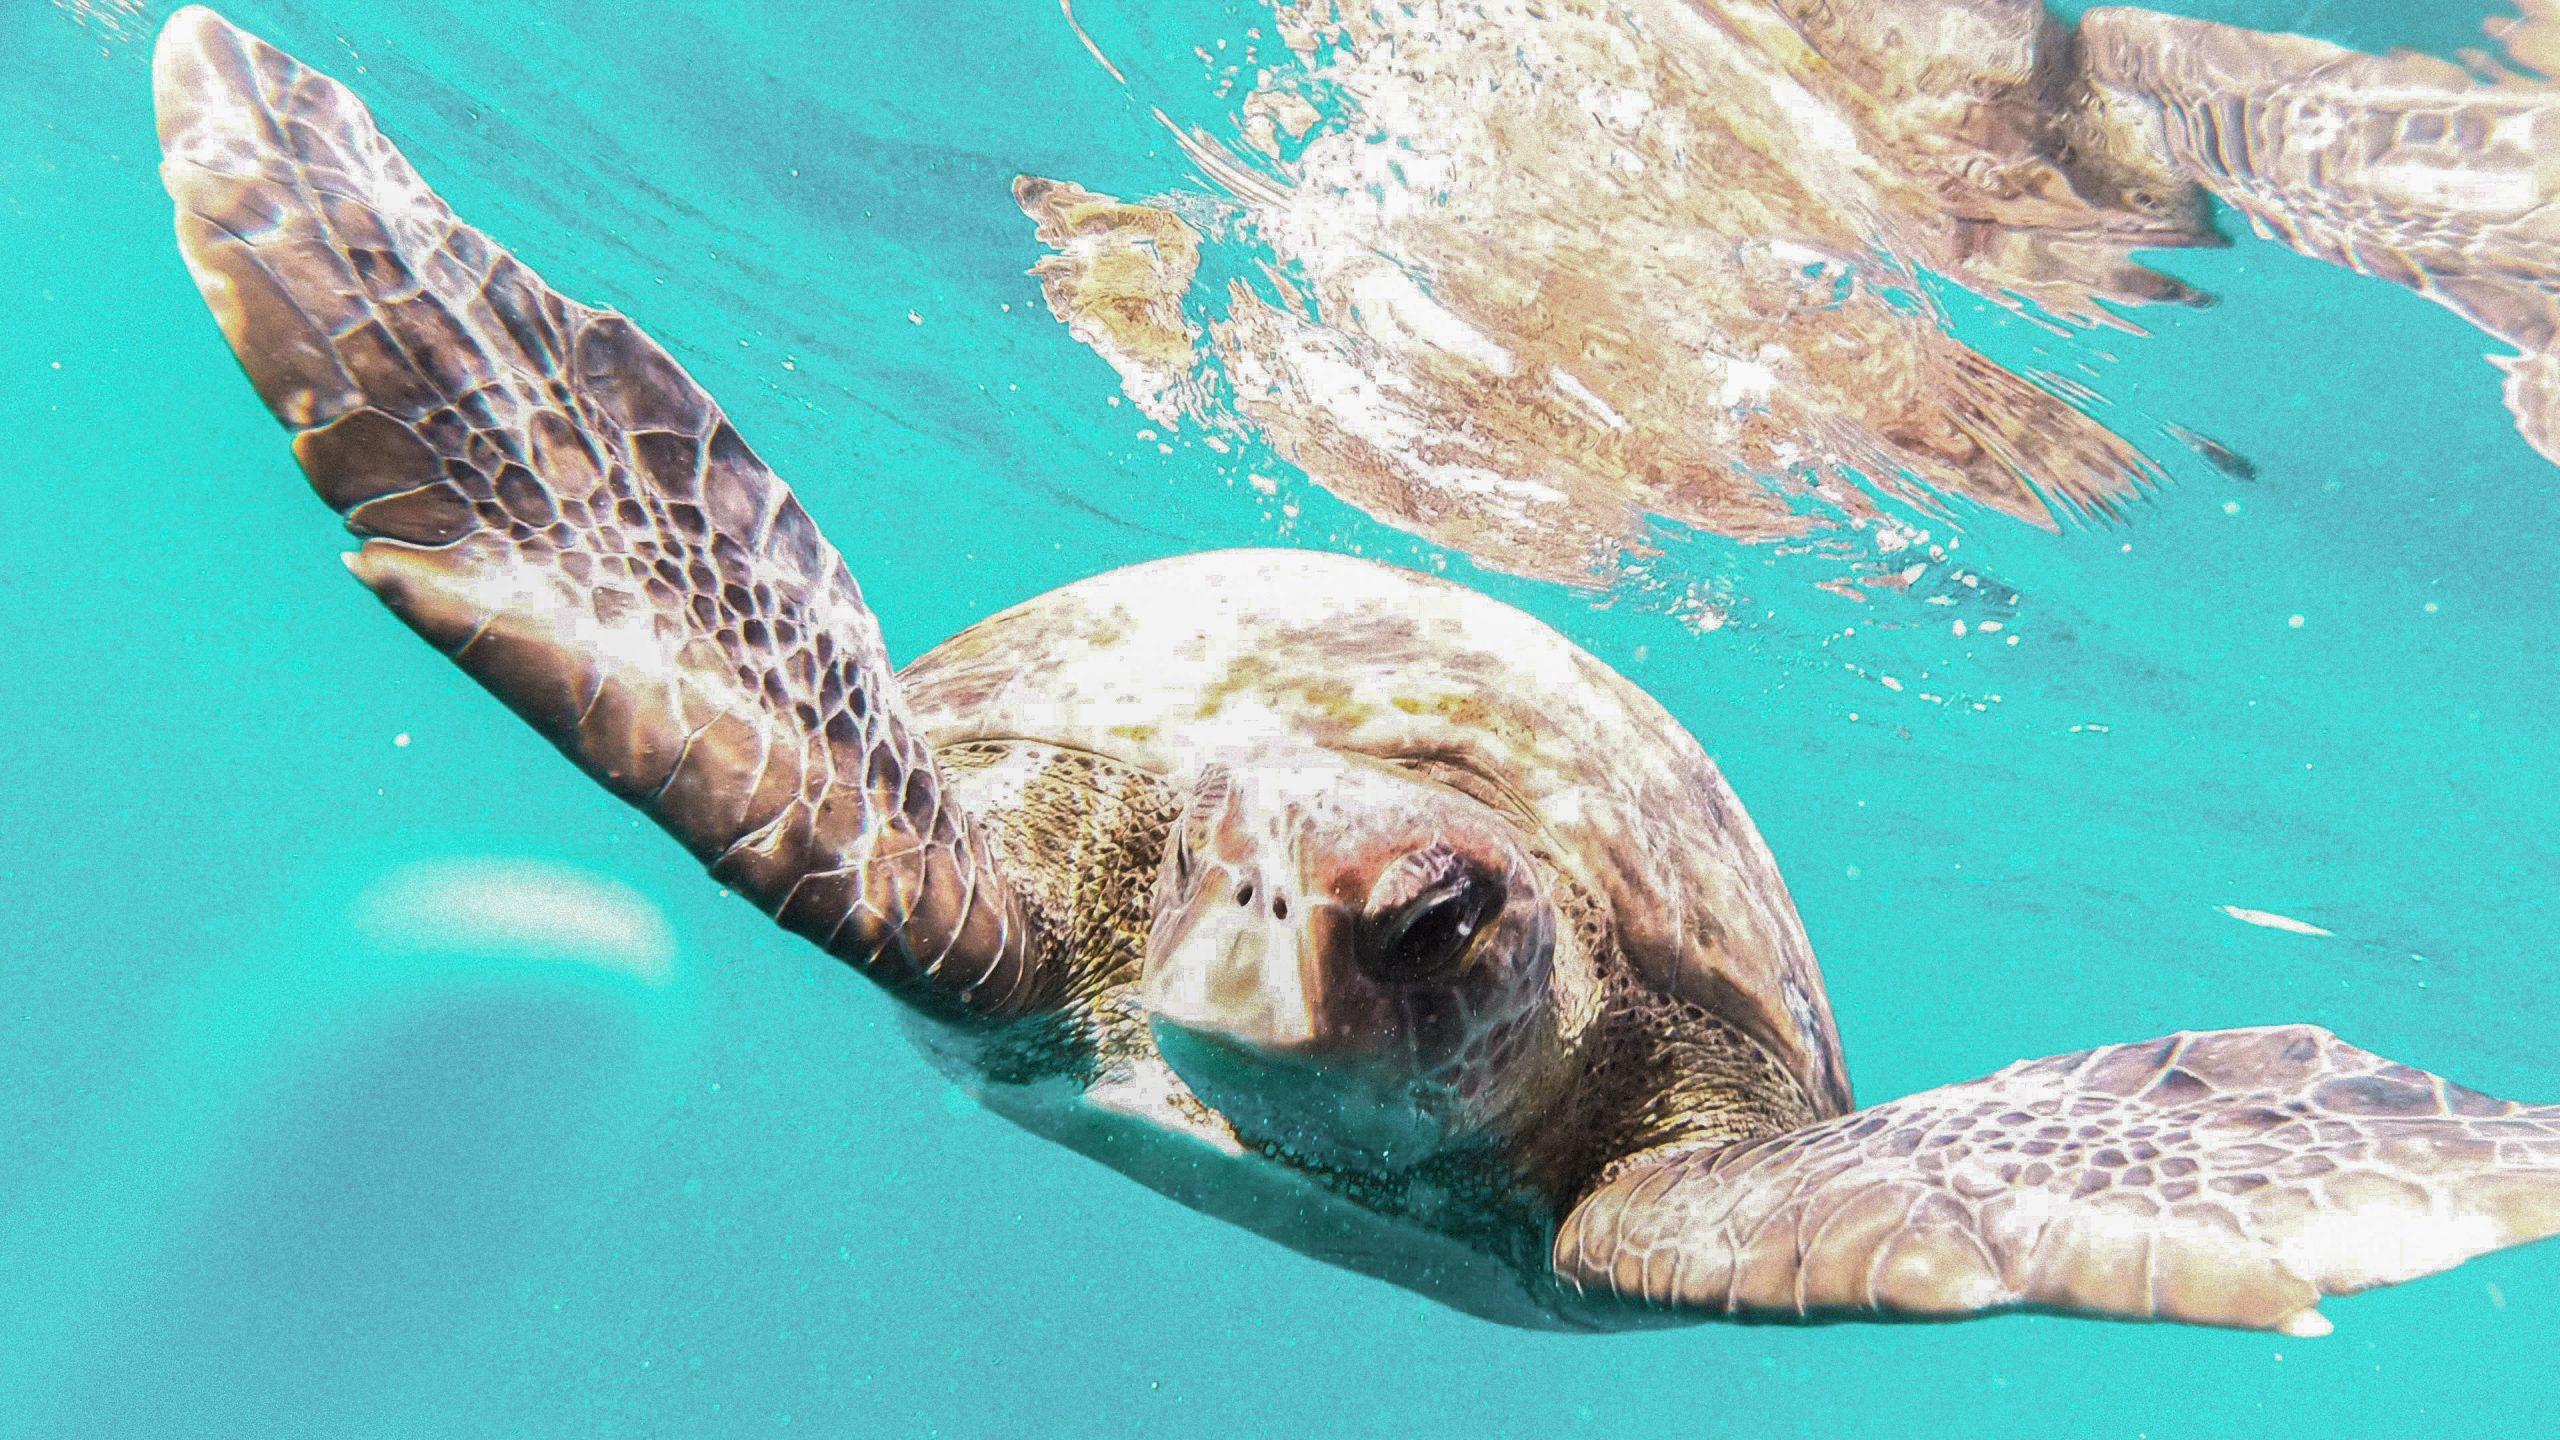 Rencontre sous l'eau avec une tortue en snorkelling